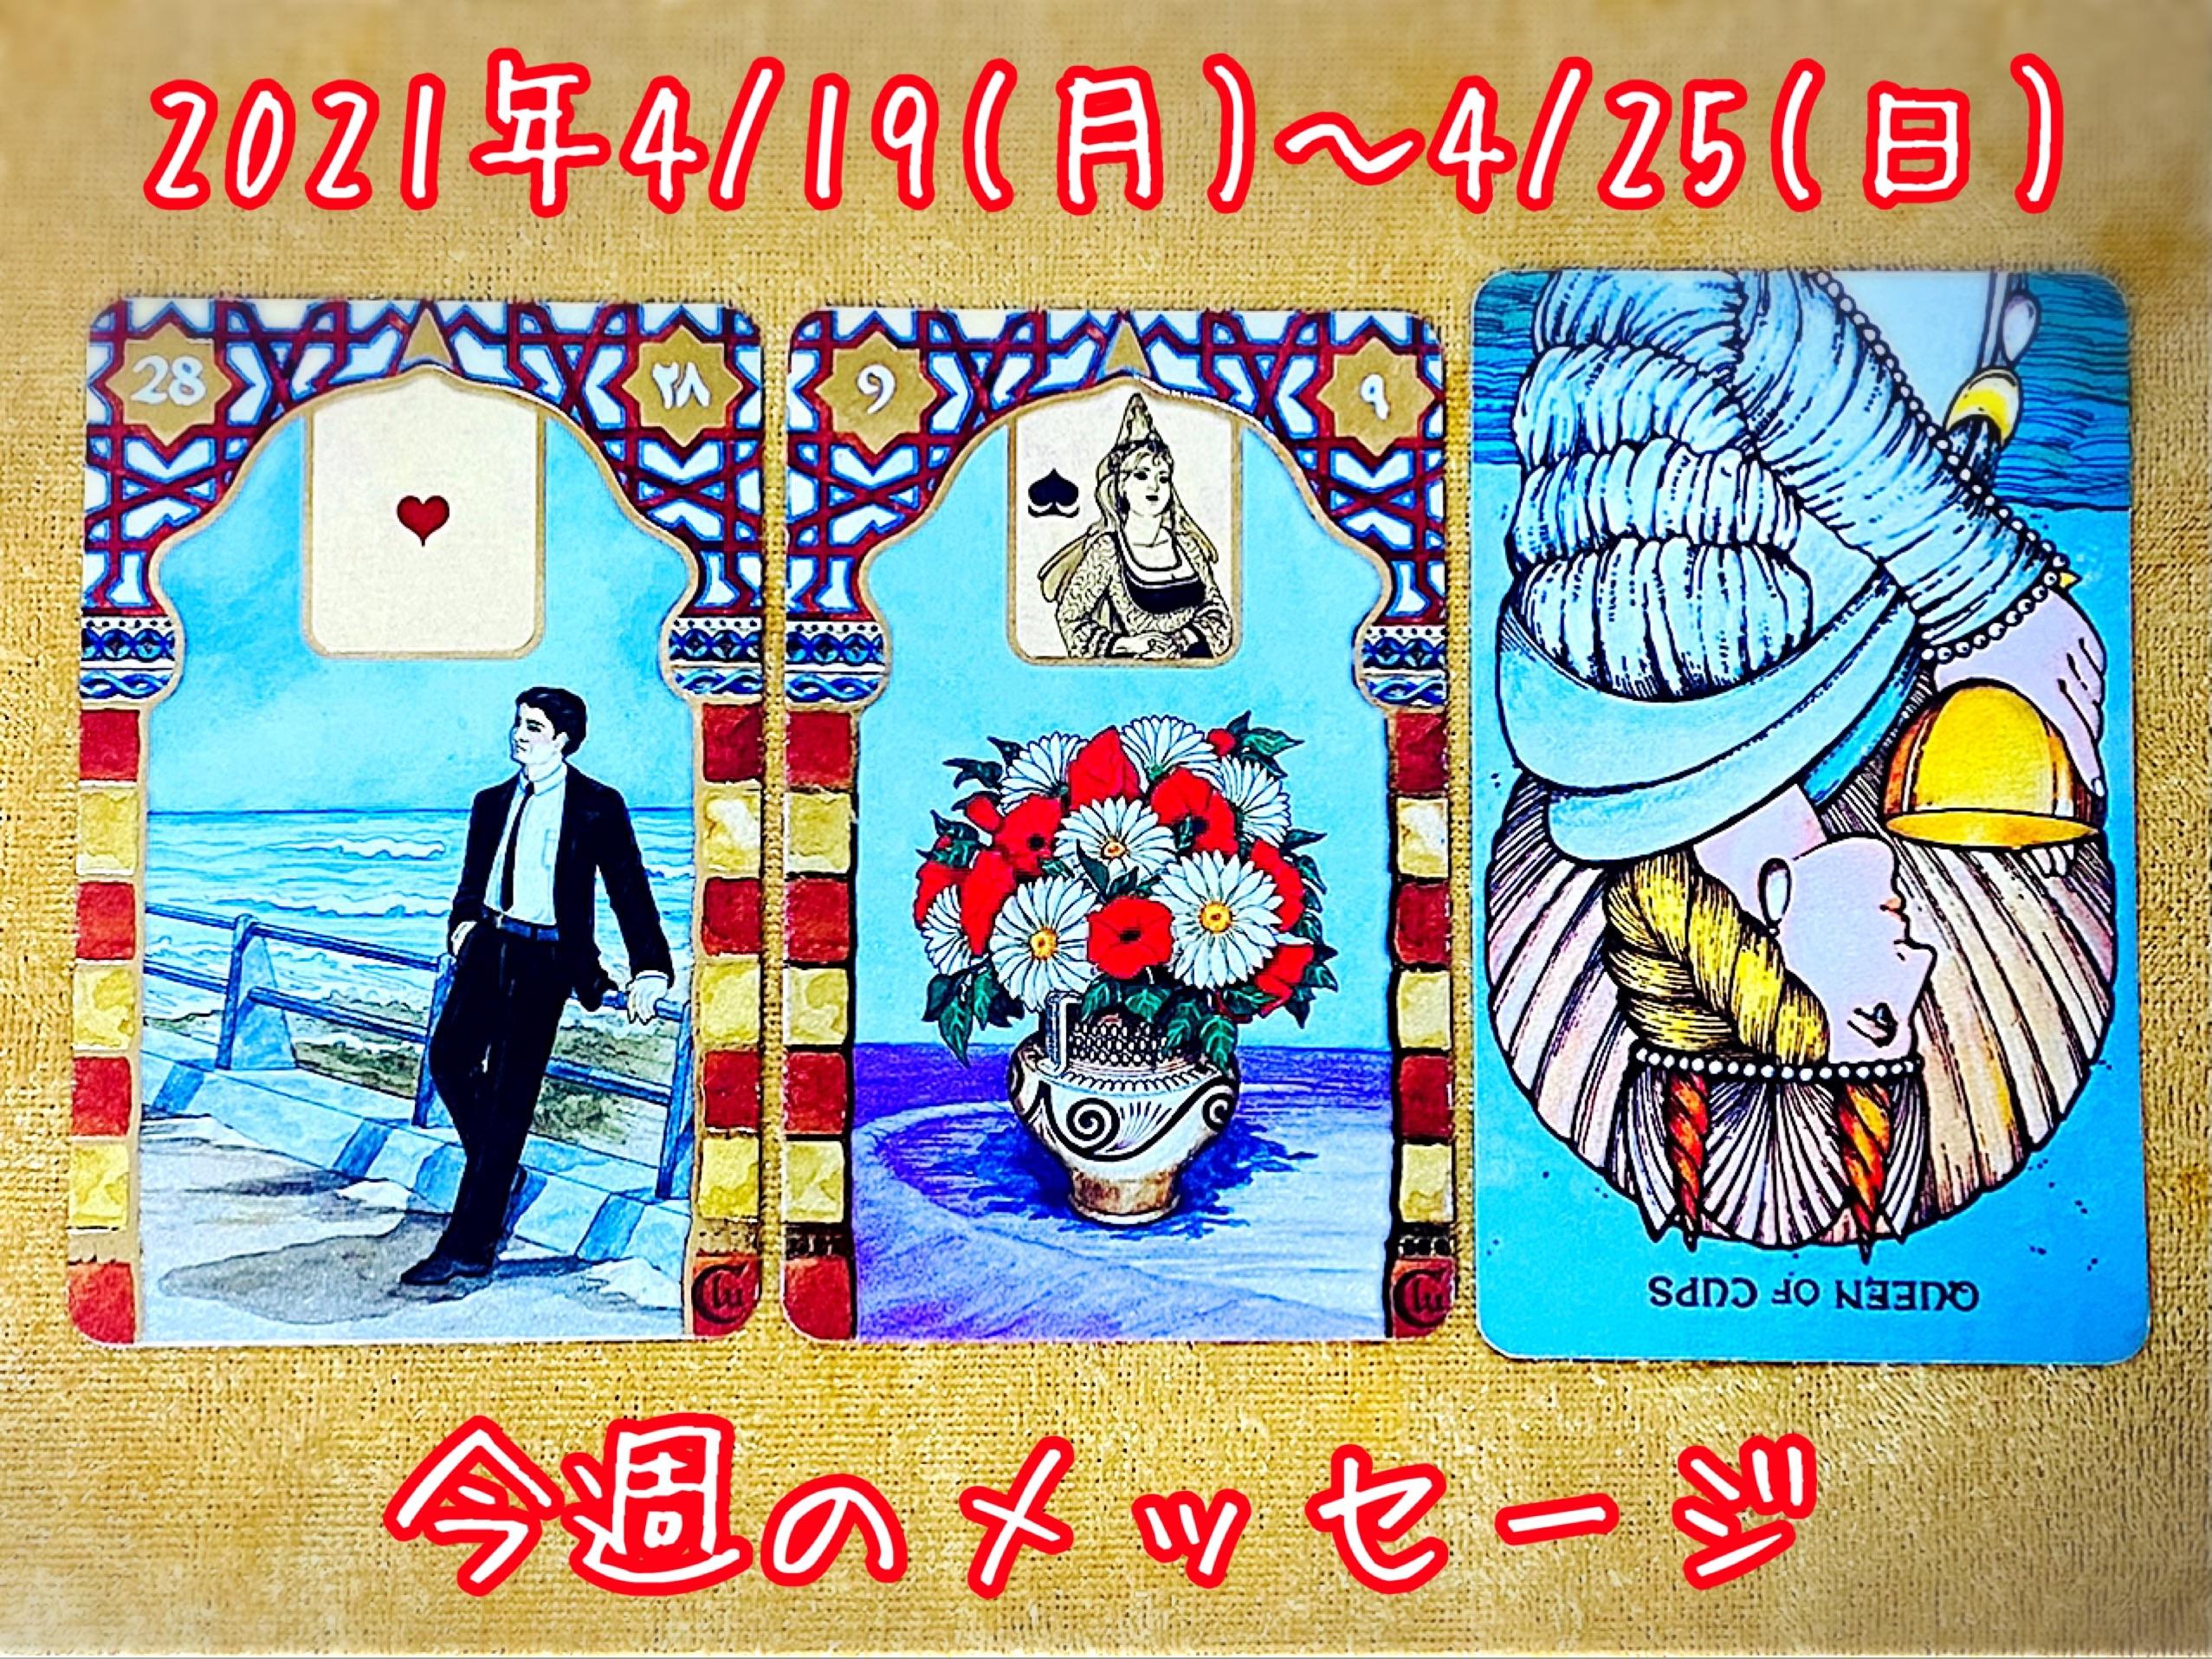 f:id:hana_su-hi:20210418205330j:image